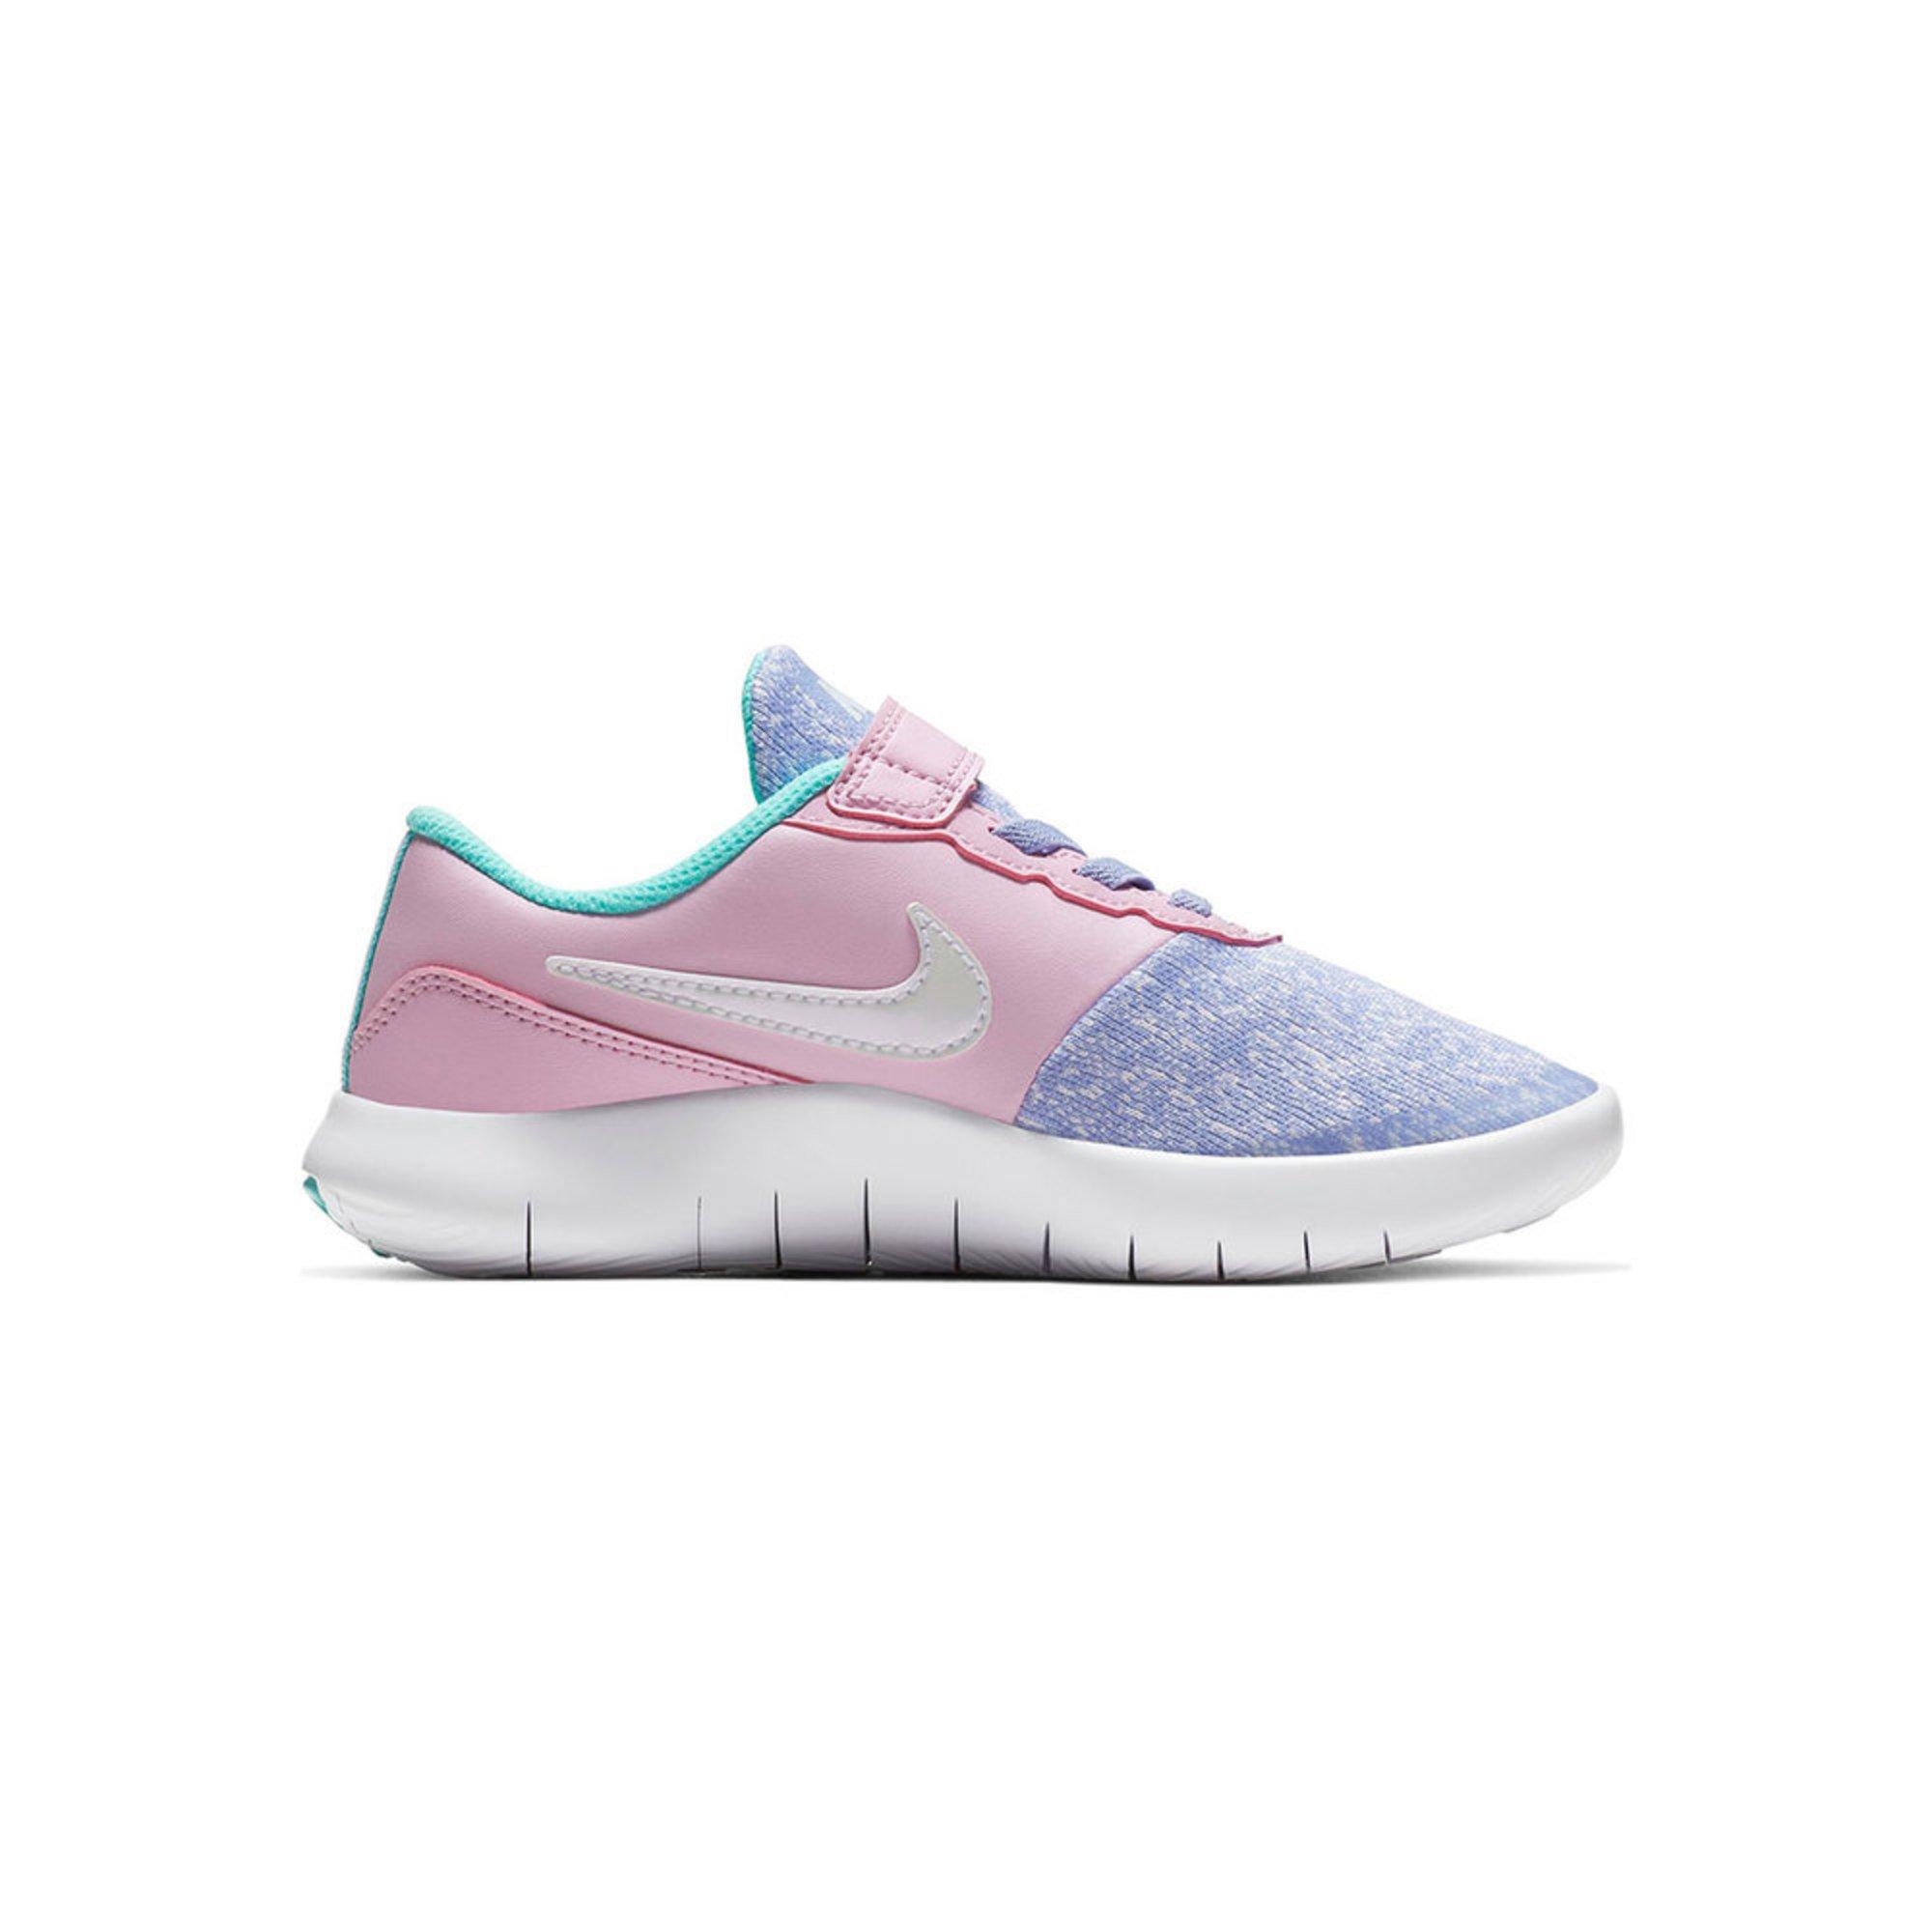 da5e6762e1a Nike. Nike Girls Flex Contact Running Shoe (Little Kid)